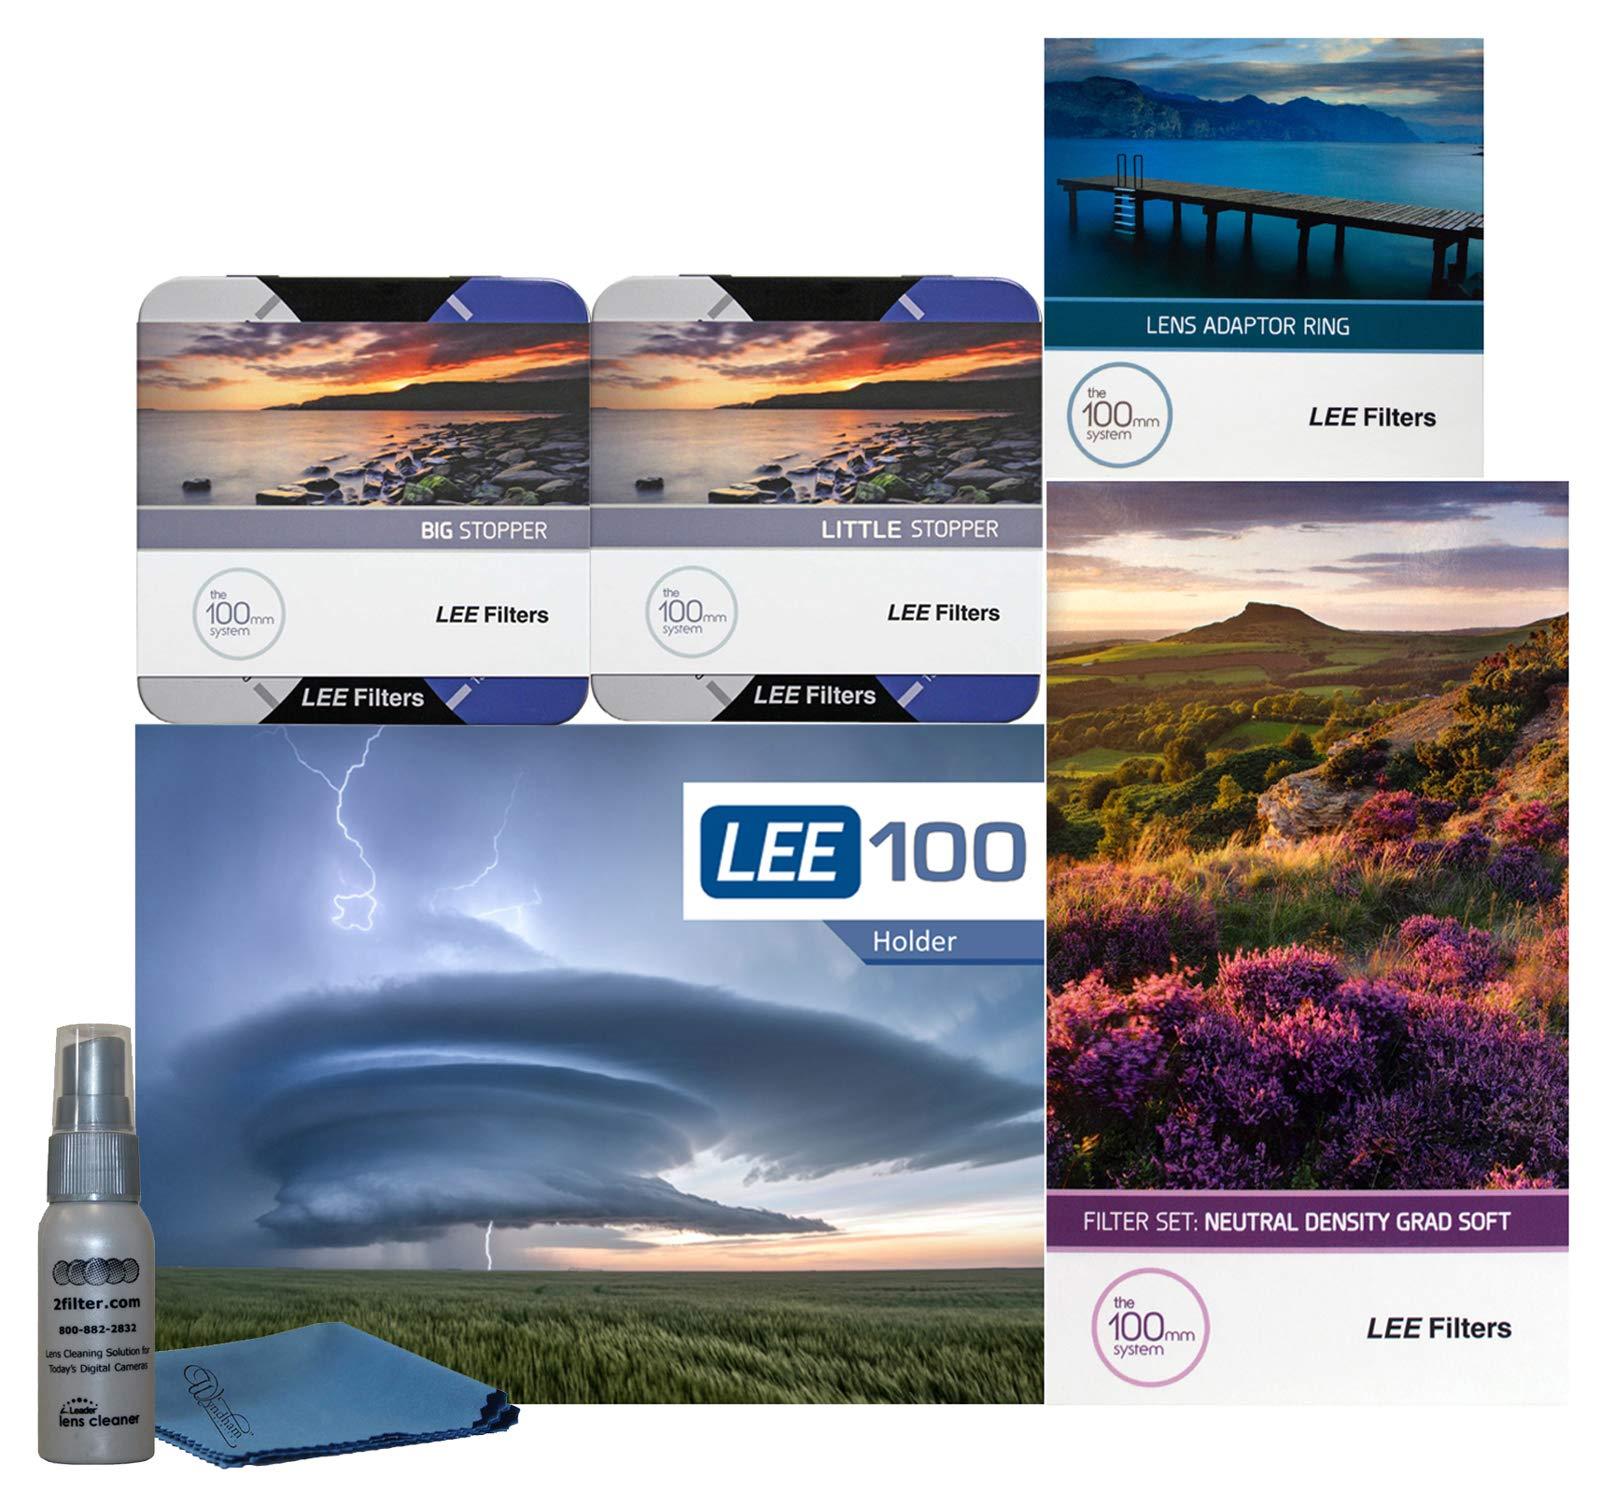 LEE Filters LEE100 67mm Landscape Pro Kit - LEE100 Filter Holder, Lee 100mm Soft Edge Set Graduated ND Filters LEE 100mm Big Stopper and Little Stopper and 67mm Wide Angle Adapter Ring